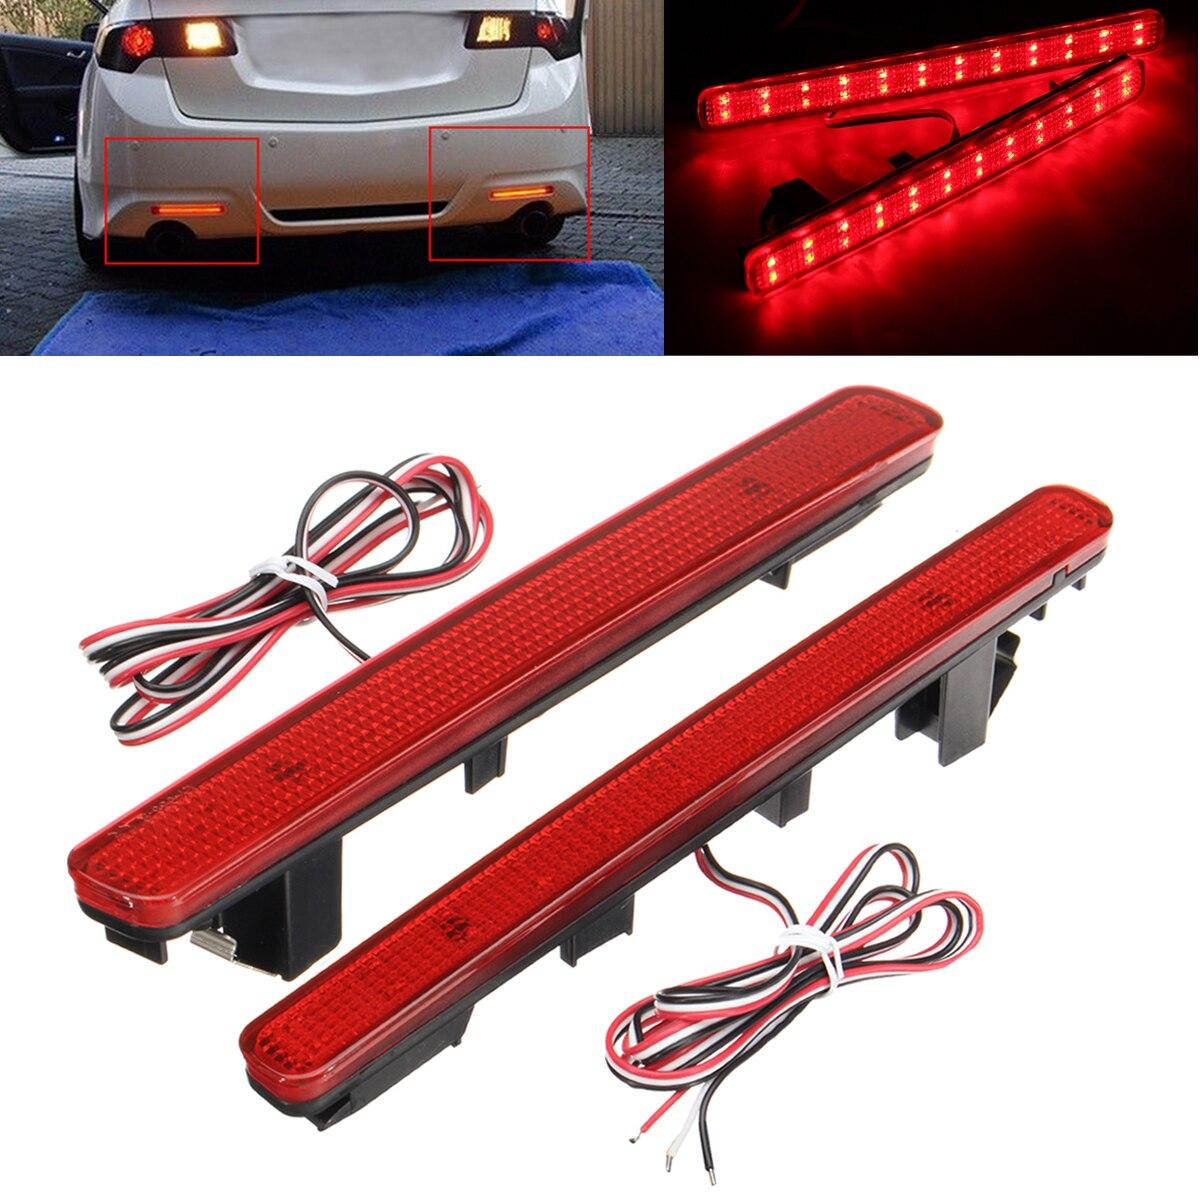 12 V Heckstoßstange Reflektor LED Rückstoppbrems Licht Für Acura TSX Limousine 09-14 für Accord Warnung Nachtfahrten Nebel lampe